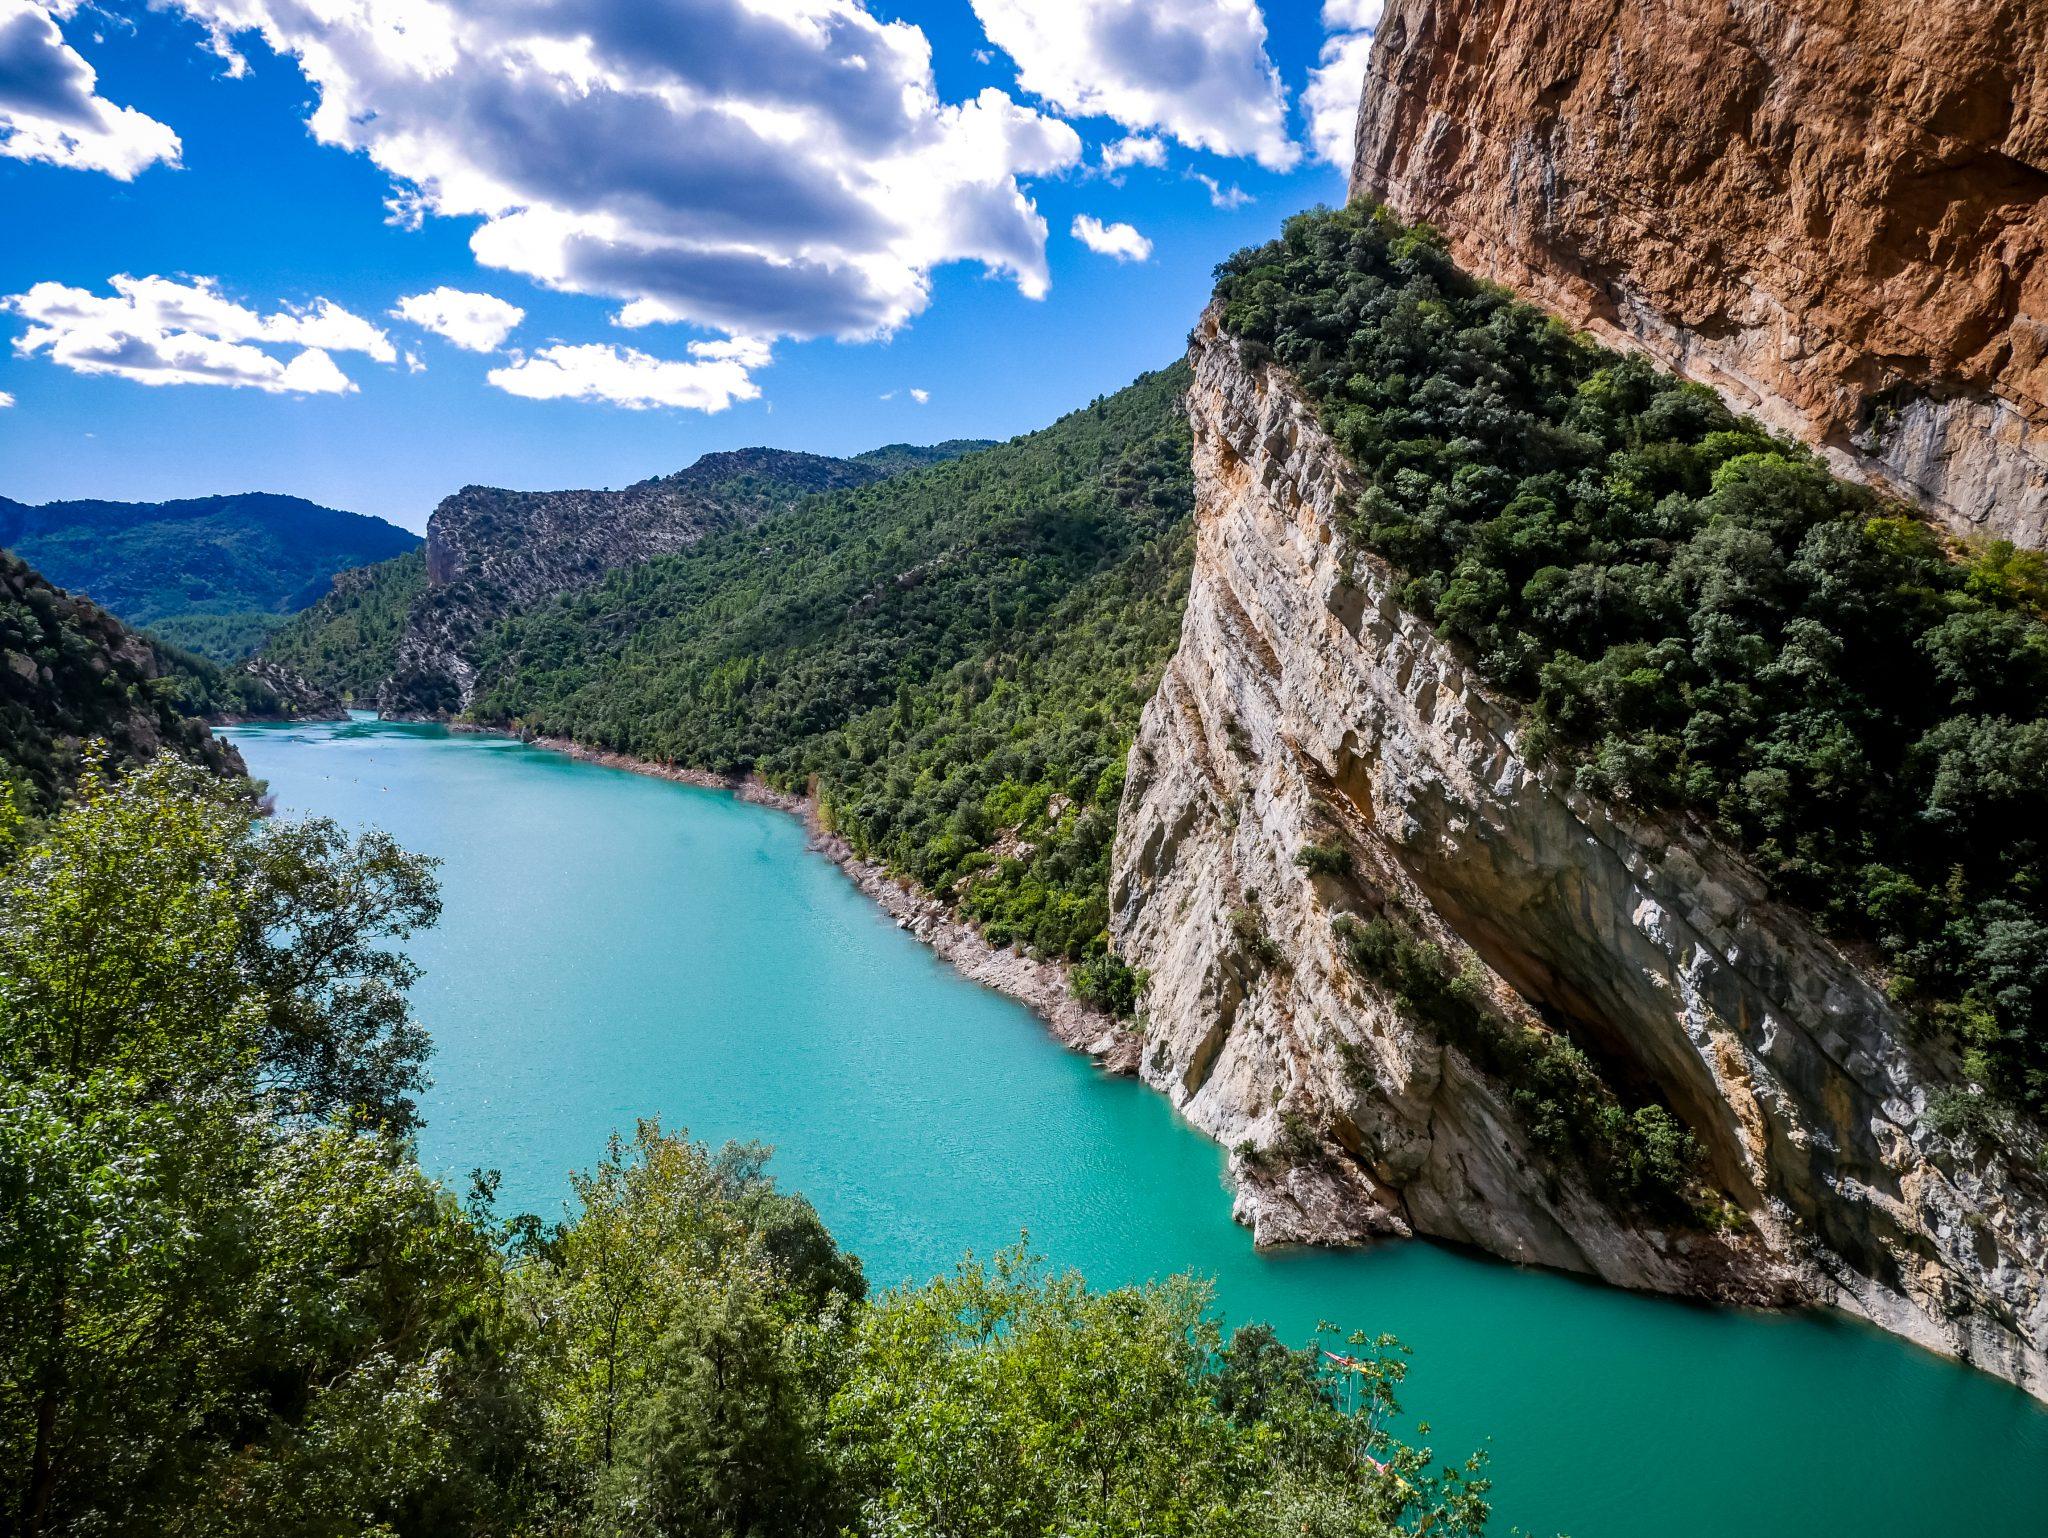 Der Mont Rebei in Katalonien, Spanien ist ein einmaliges Naturerlebnis!